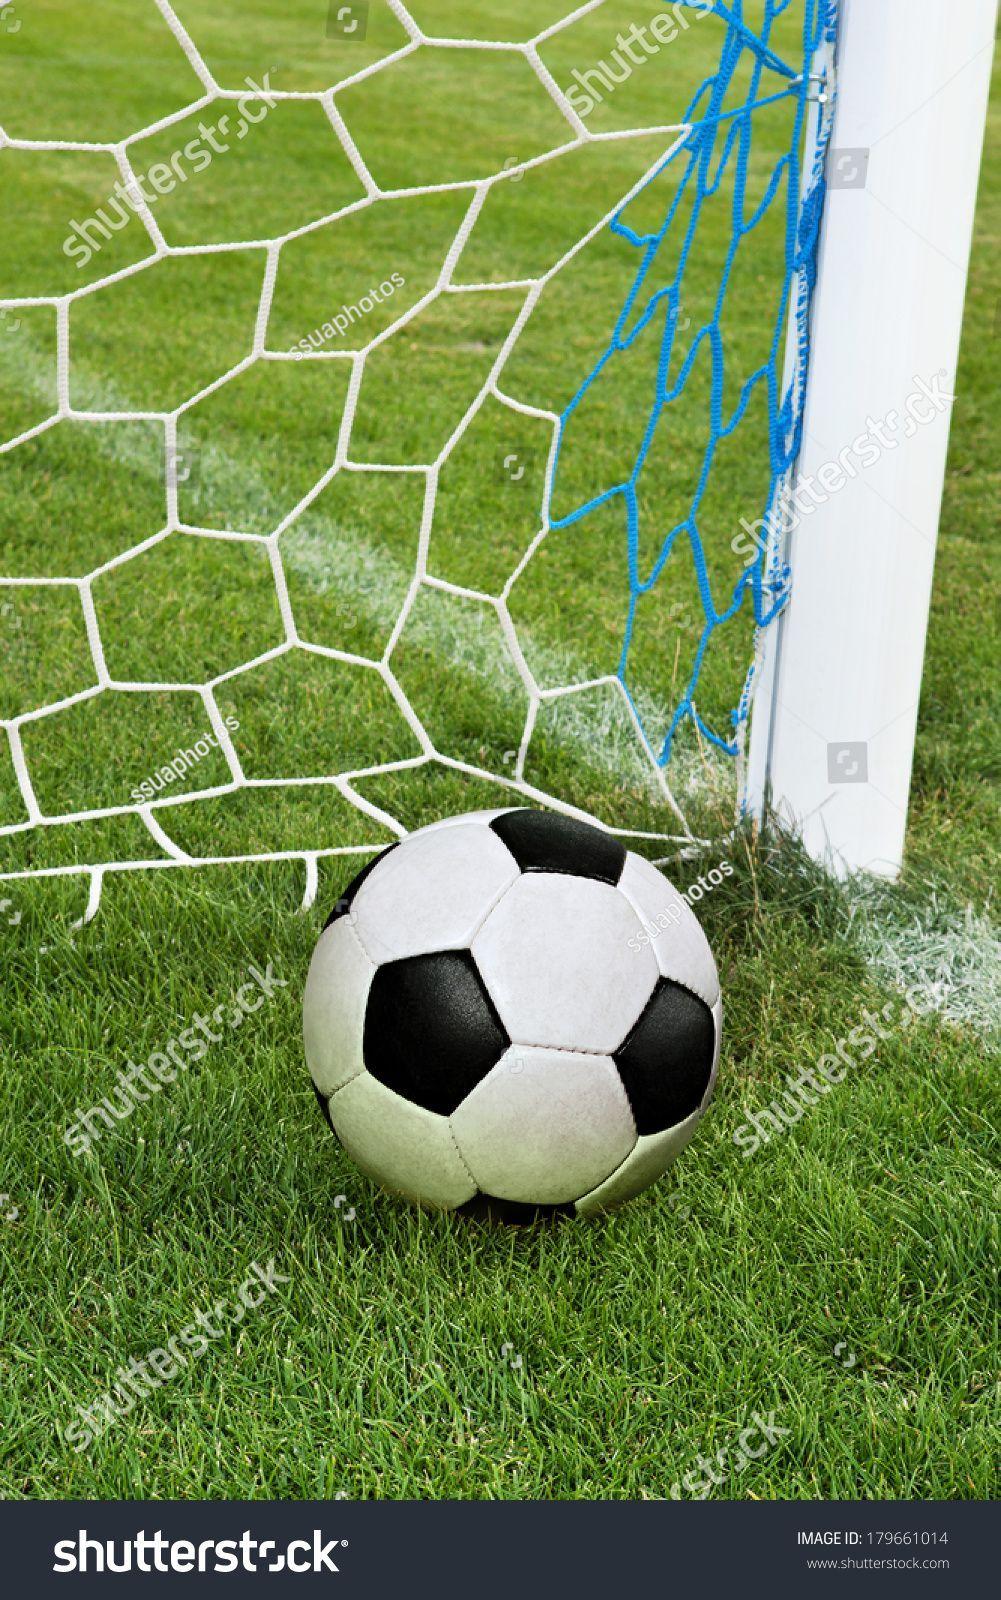 Soccer Ball In Goal Net With Green Grass Royalty Free Images Shutterstock Ball Go In 2020 Soccer Ball Goal Net Soccer Goal